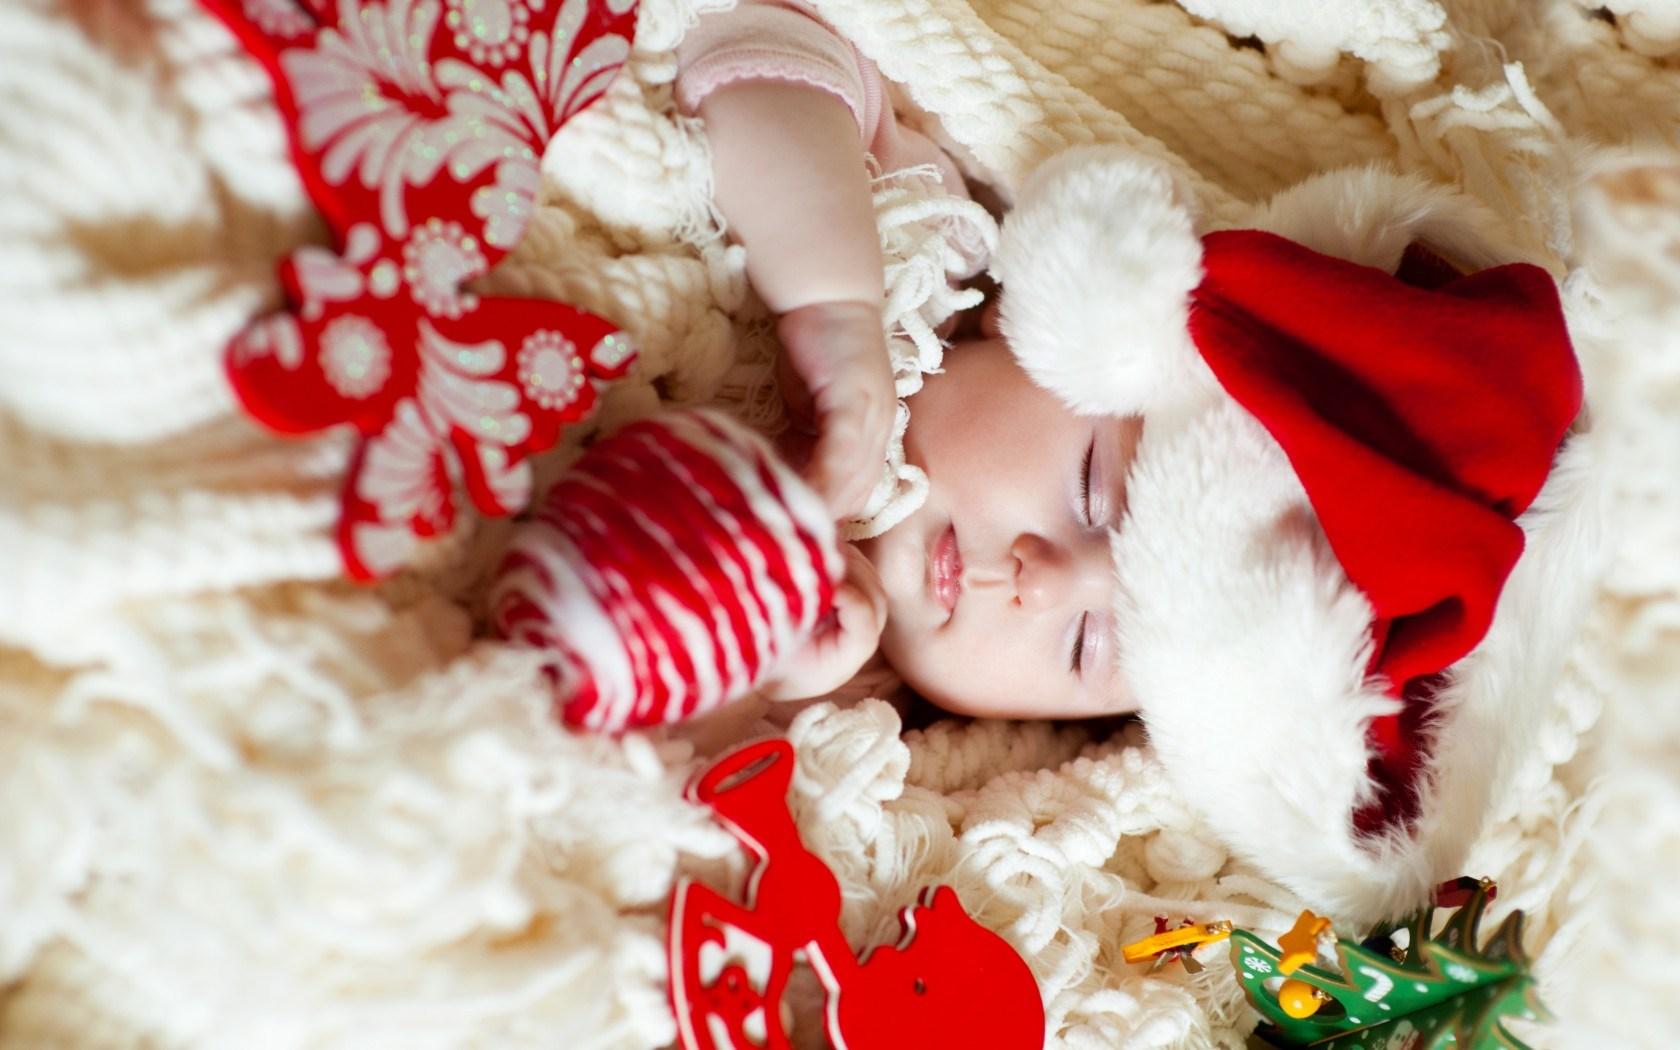 Сон ребенка в Новогоднюю ночь